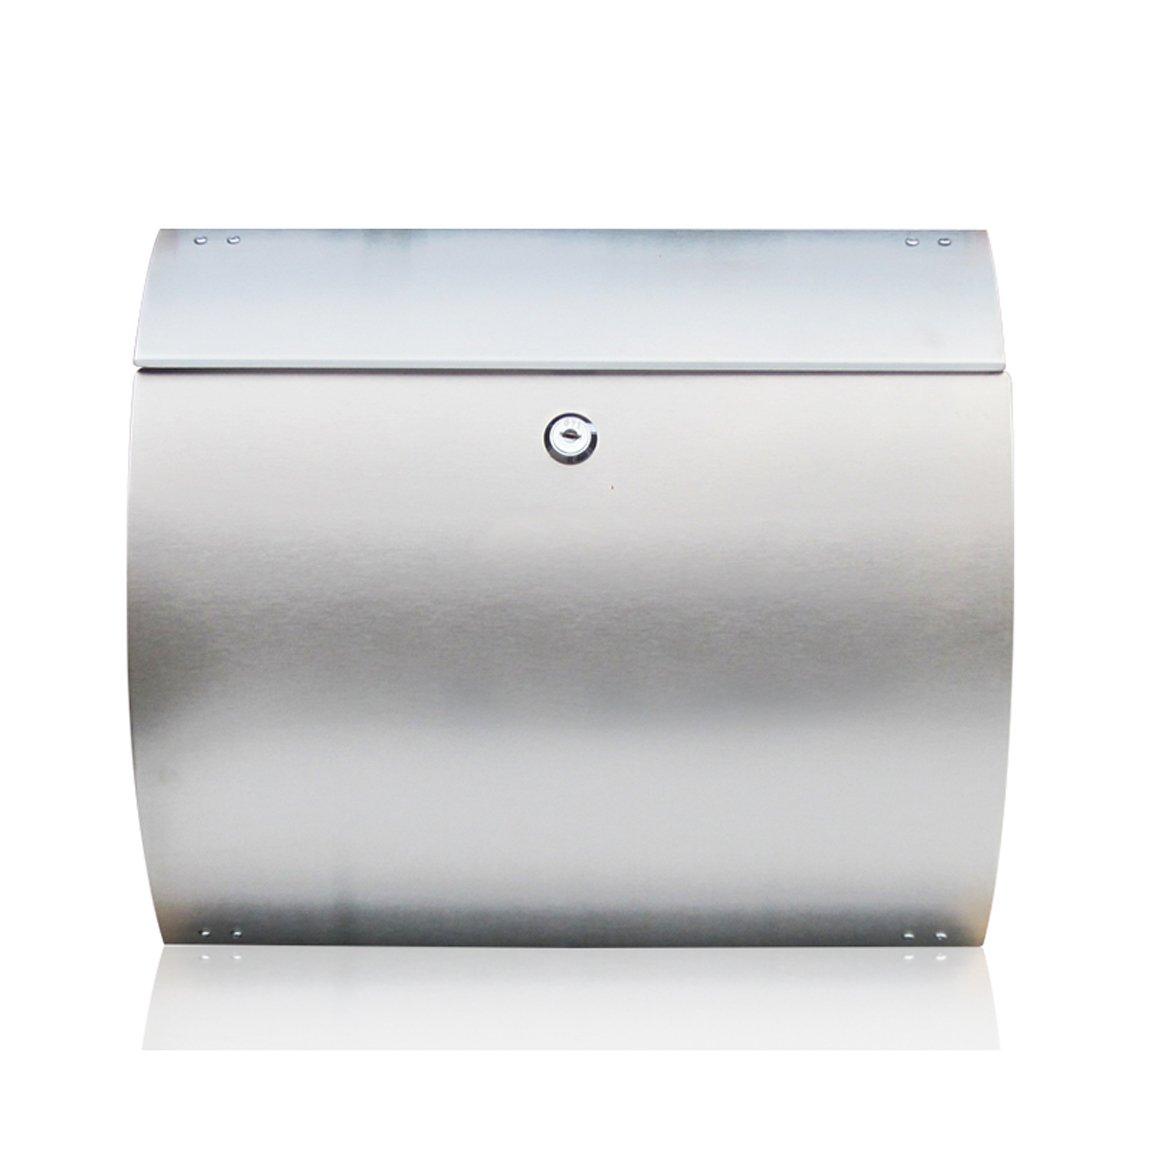 LRW ステンレス製の郵便箱屋外ヨーロッパのヴィラレターボックス   B07CVTSYCY